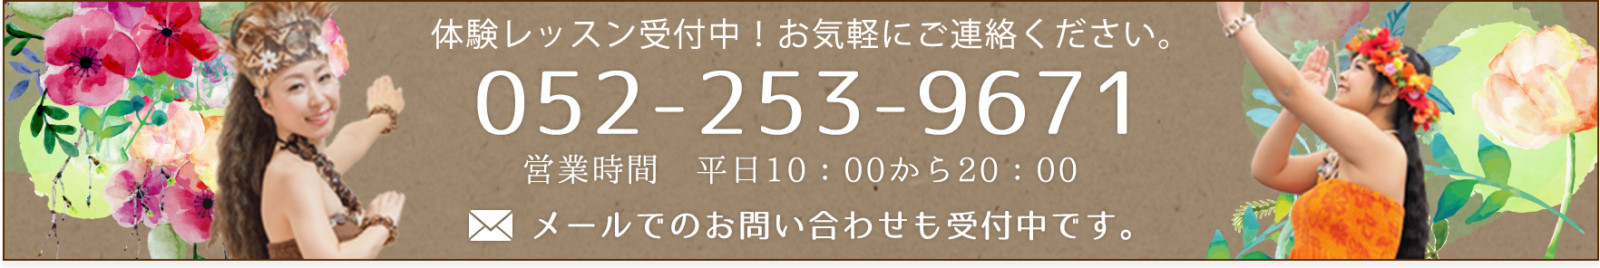 main_banner_01 MAYUKO | タヒチアンダンス テマラマタヒチ名古屋